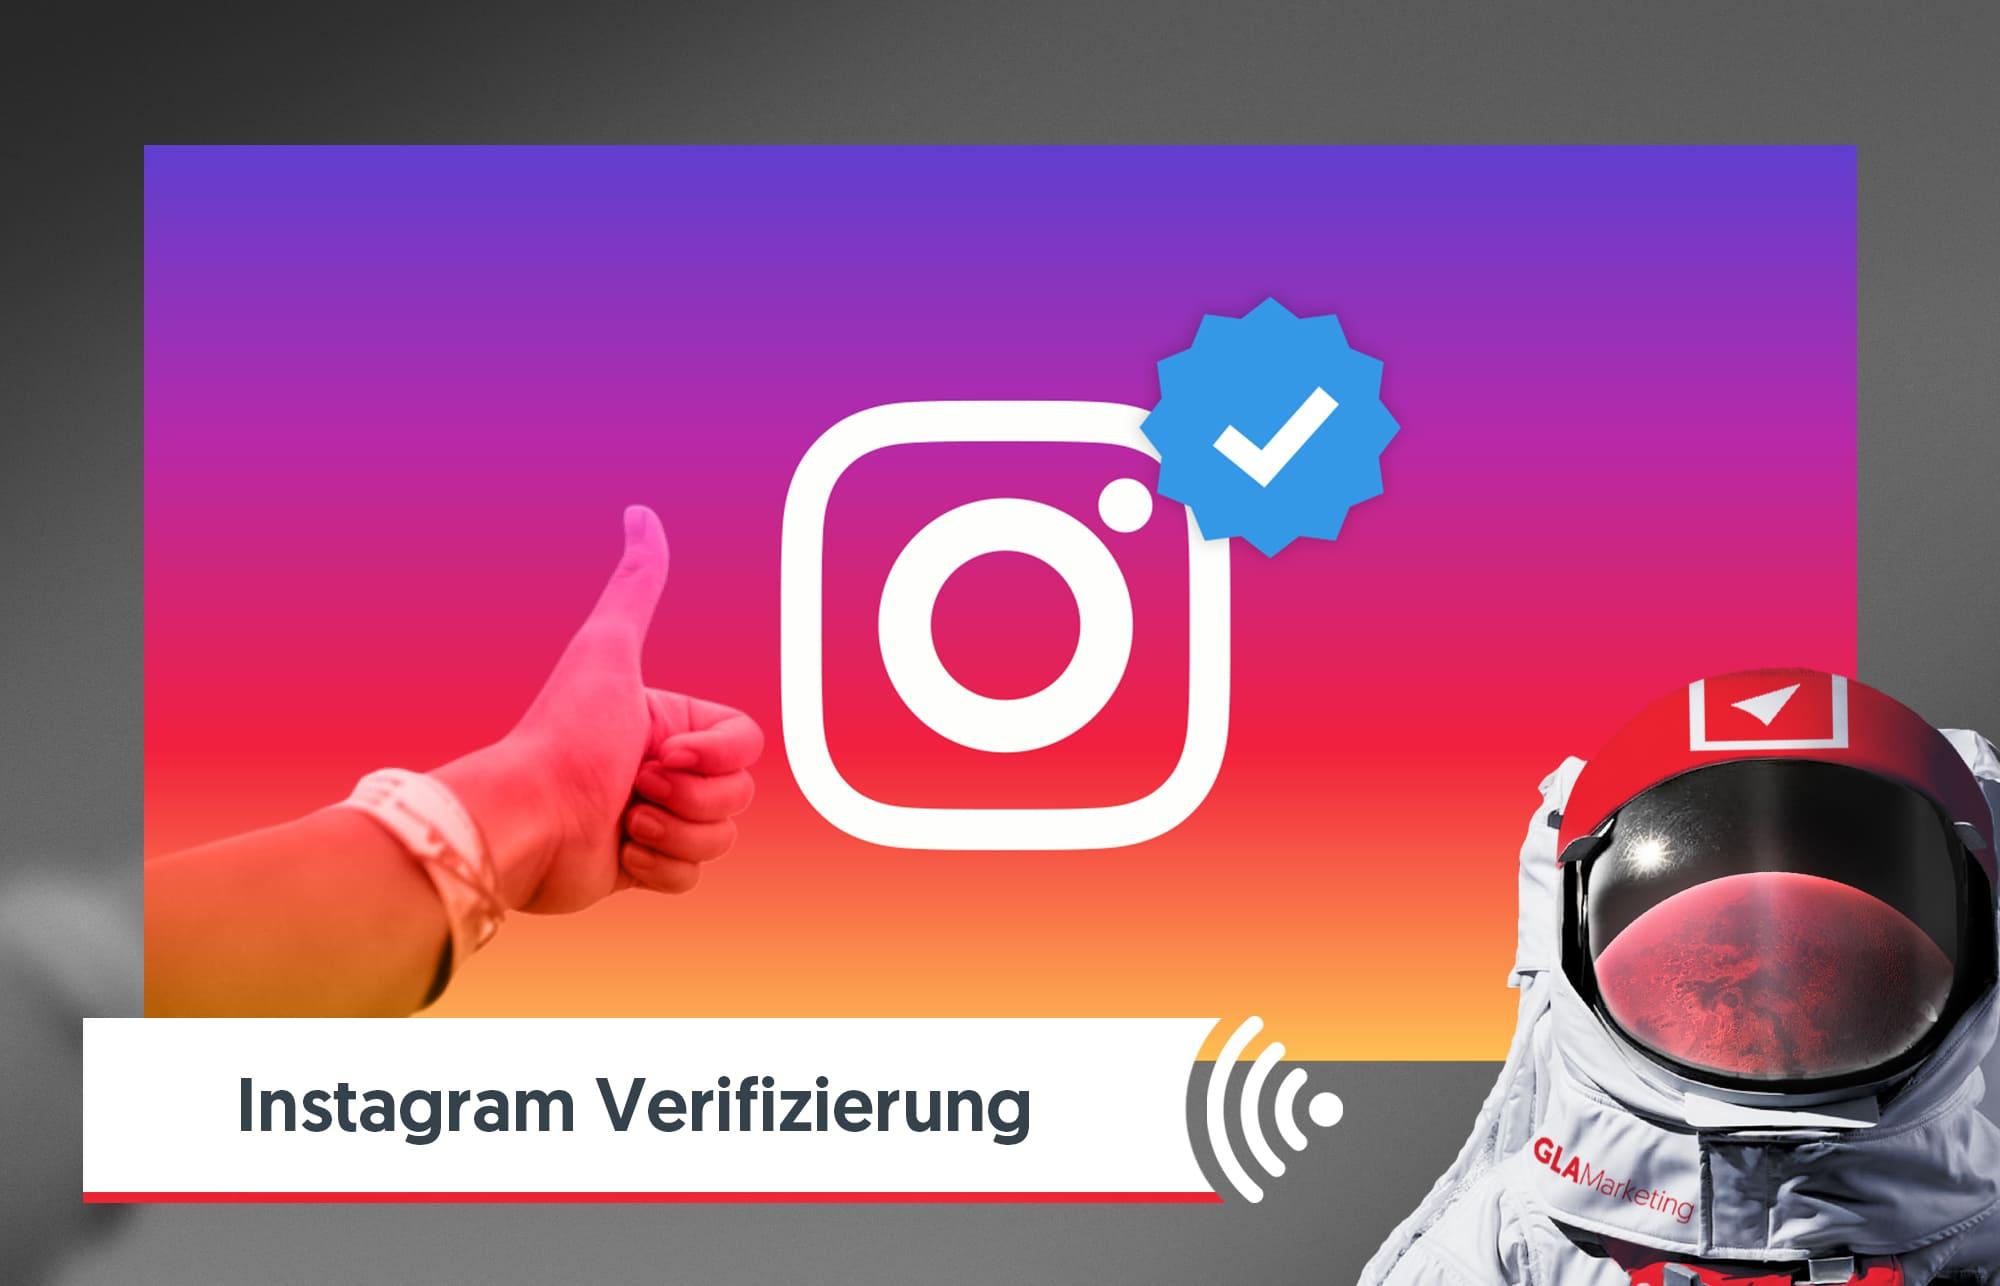 Instagram Verifizierung